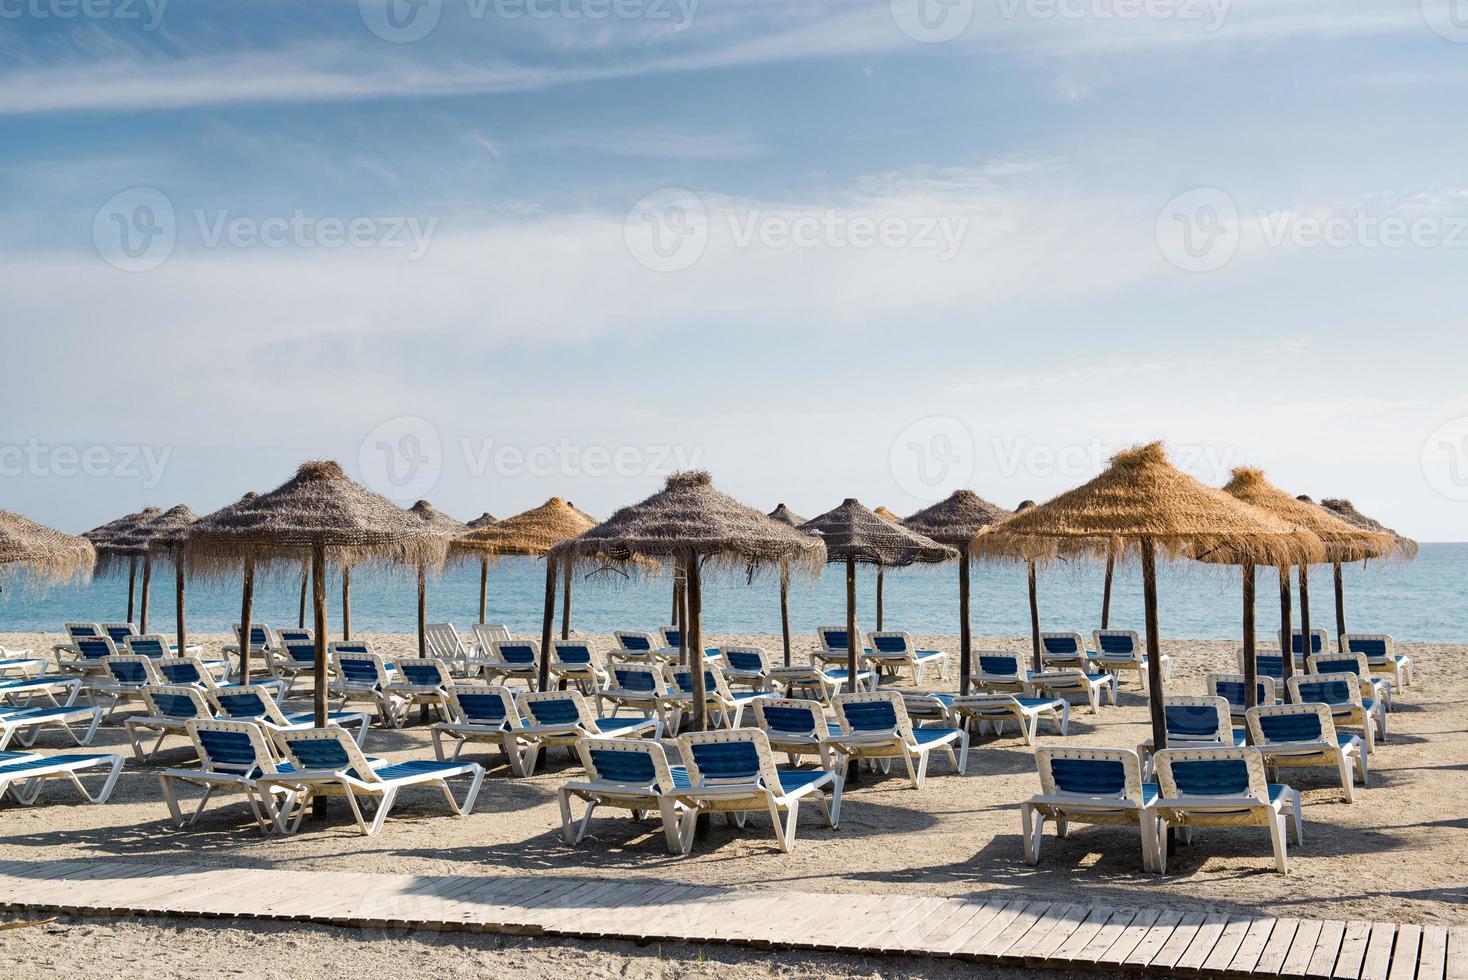 Sonnenschirme mit Liegestühlen foto